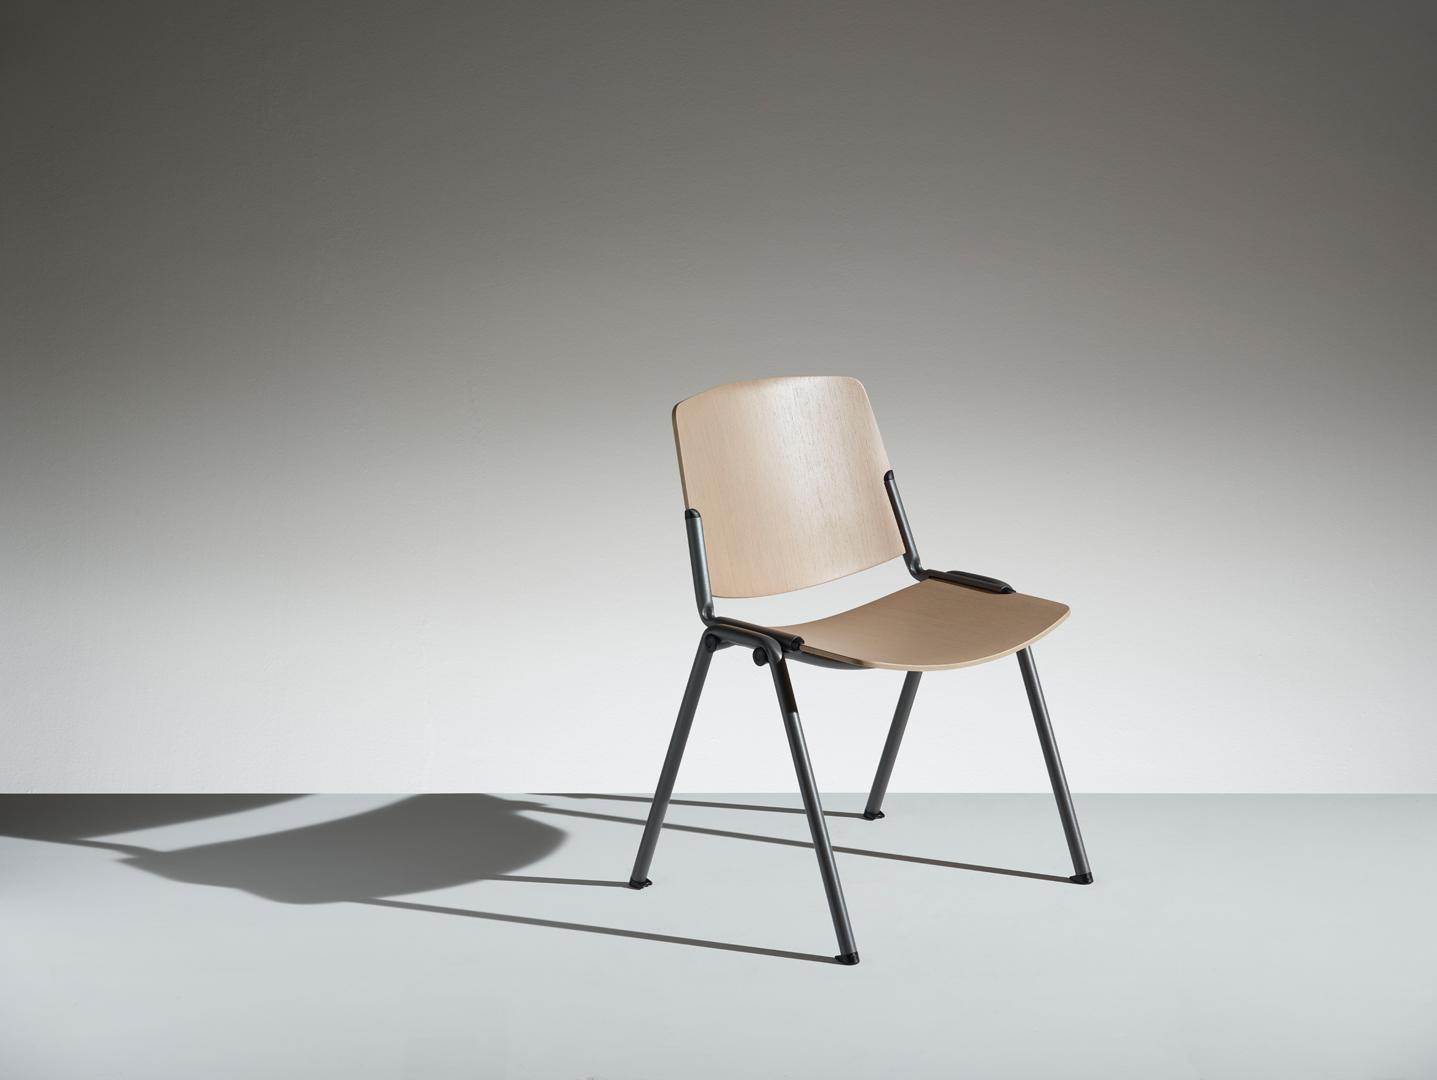 LAMM New Modulamm Chair | Woodwood Group